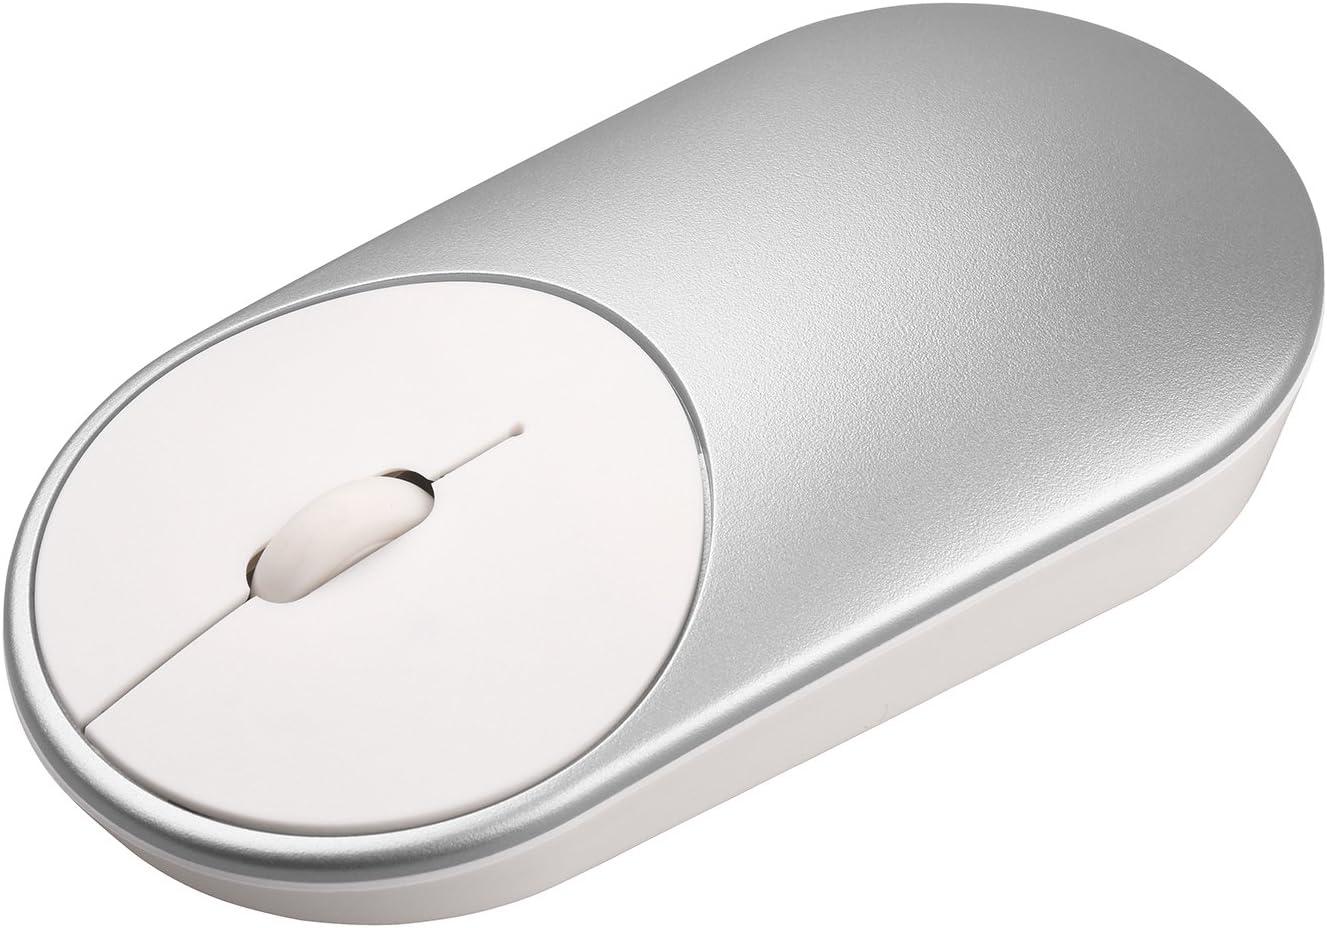 SODIAL Raton inalambrico portatil en De Mi Bluetooth optico 4.0 RF de 2,4 GHz de doble modo de conectar mi oficina Raton